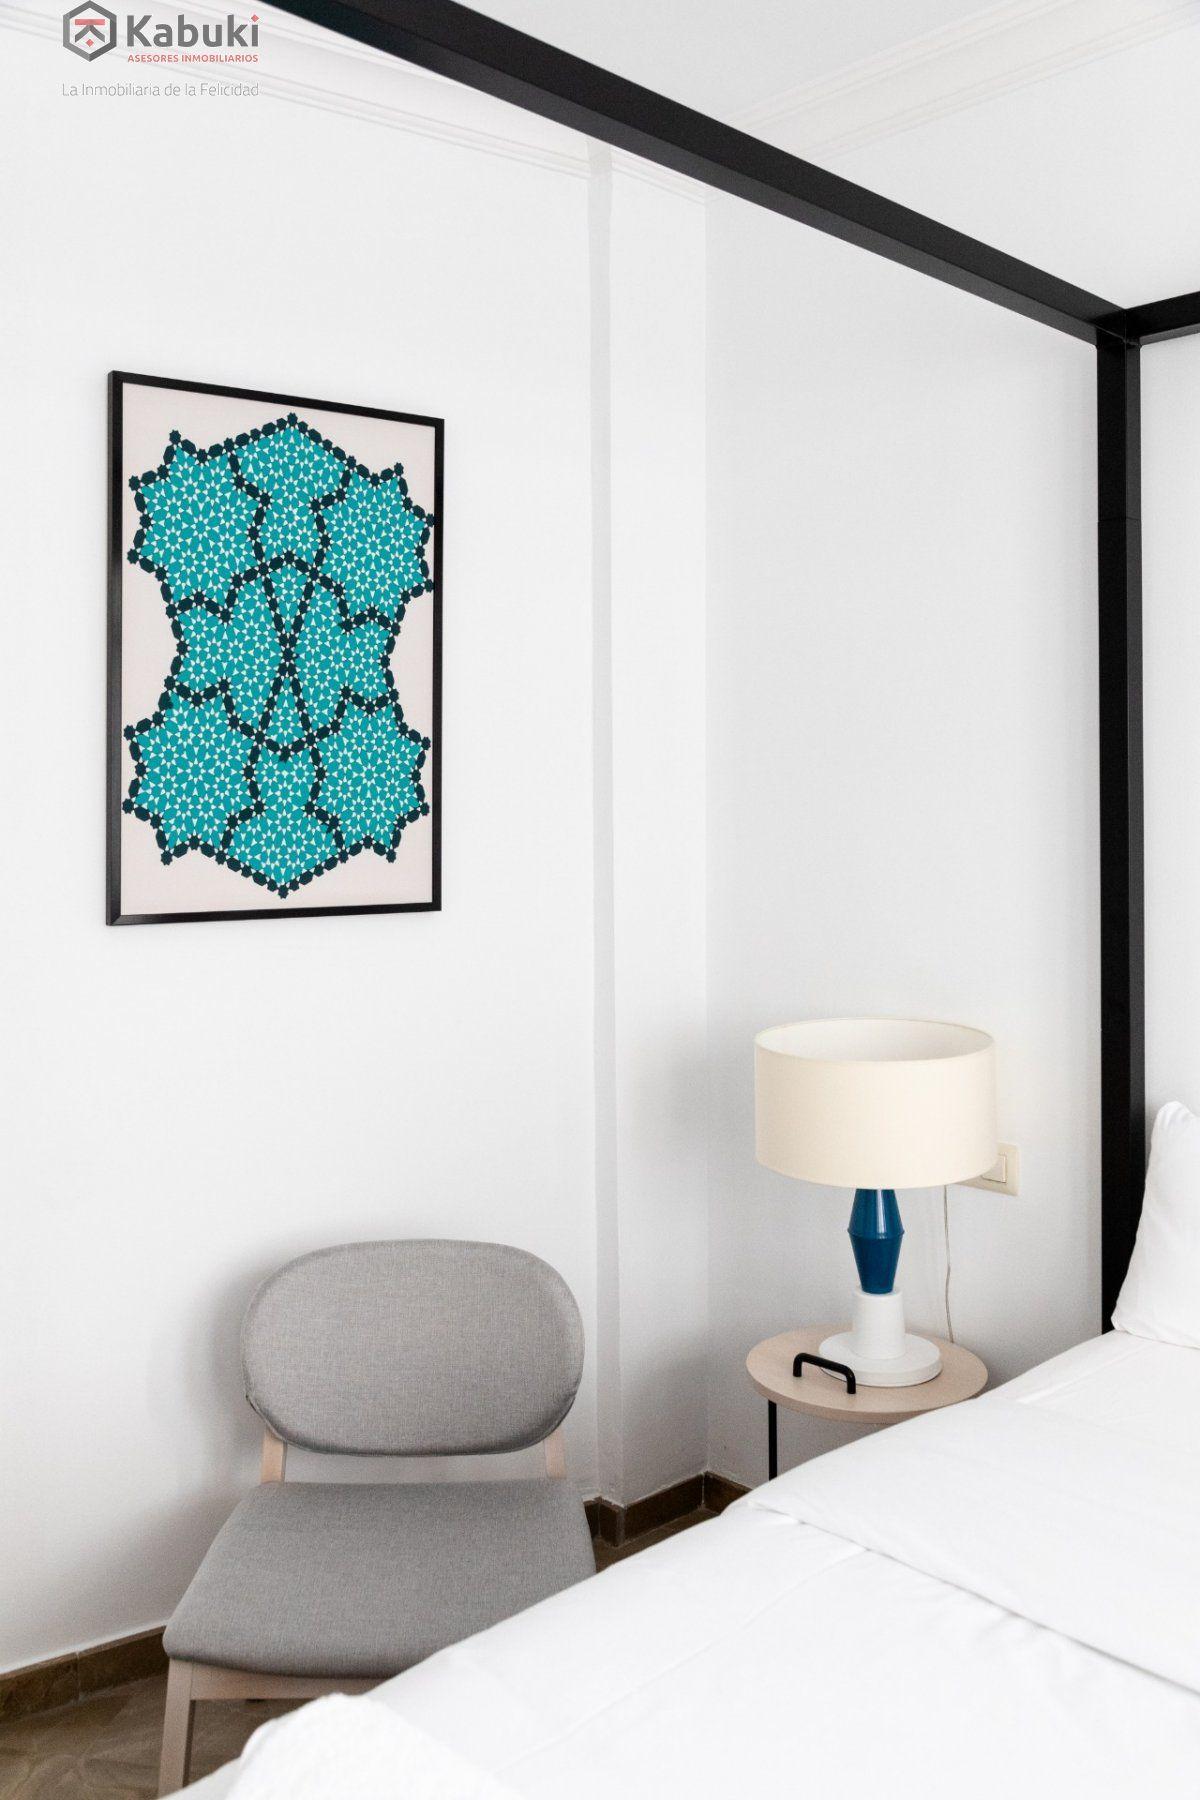 Magnífico inmueble de dos dormitorios en gran via. de estilo moderno, sentirás todo el con - imagenInmueble26